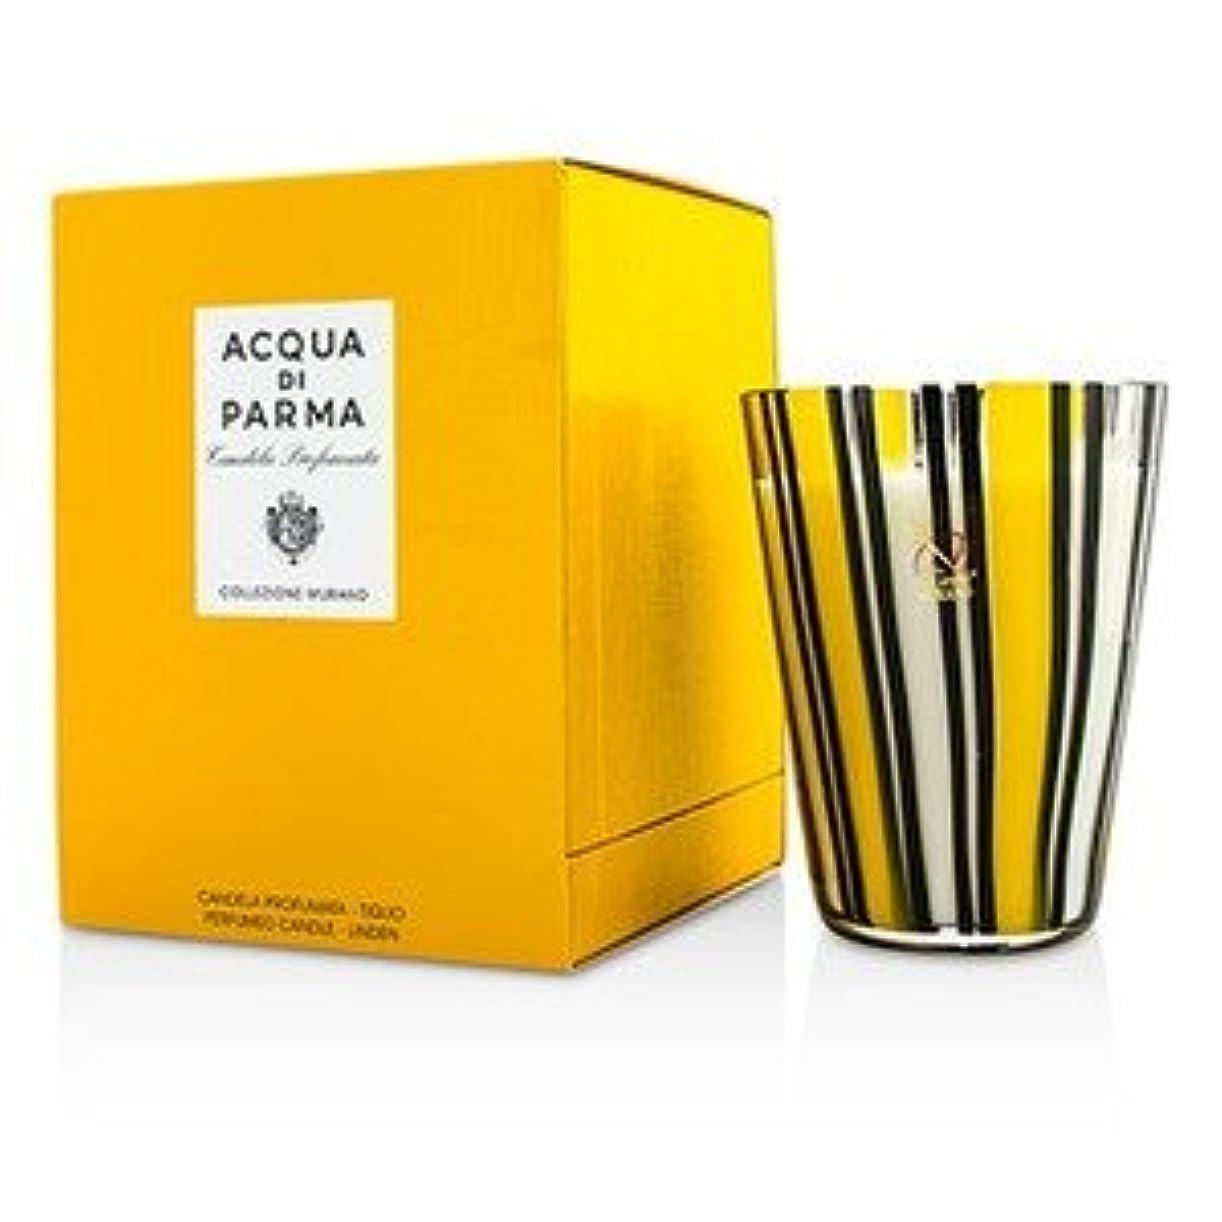 キャッシュ悪性悪化させるアクア ディ パルマ[Acqua Di Parma] ムラノ グラス パフューム キャンドル - Tiglio(Linen) 200g/7.05oz [並行輸入品]